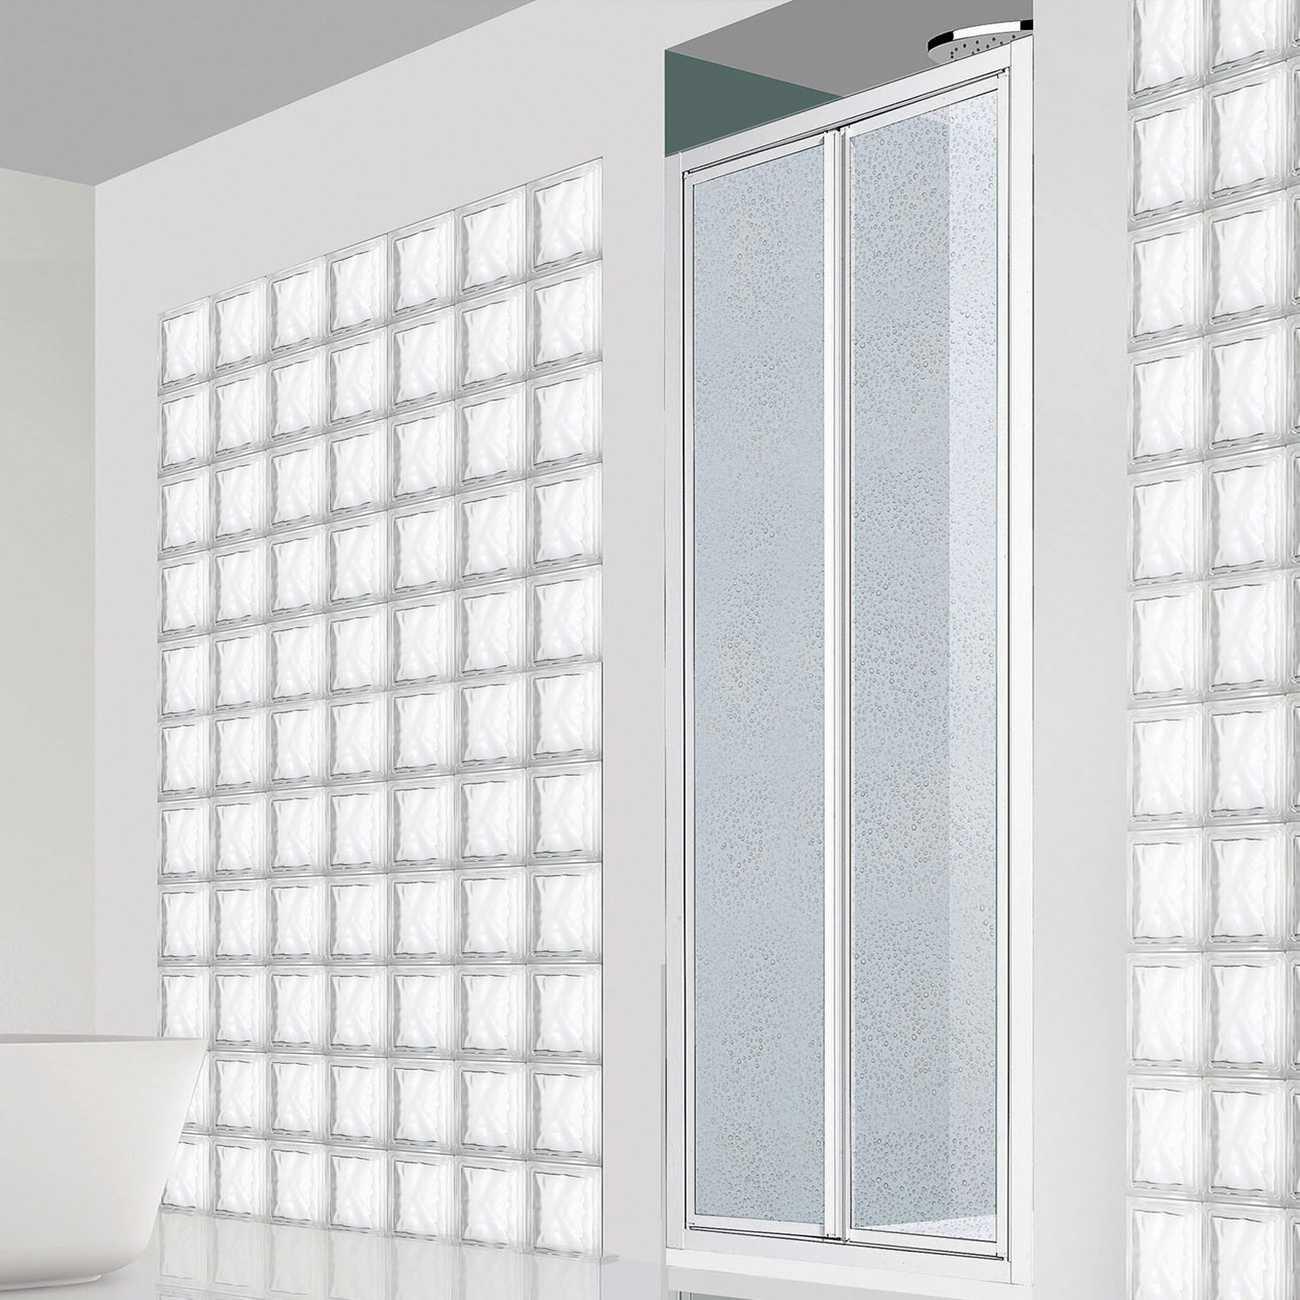 Porta doccia con apertura saloon per nicchia da 100 cm in alluminio e acrilico